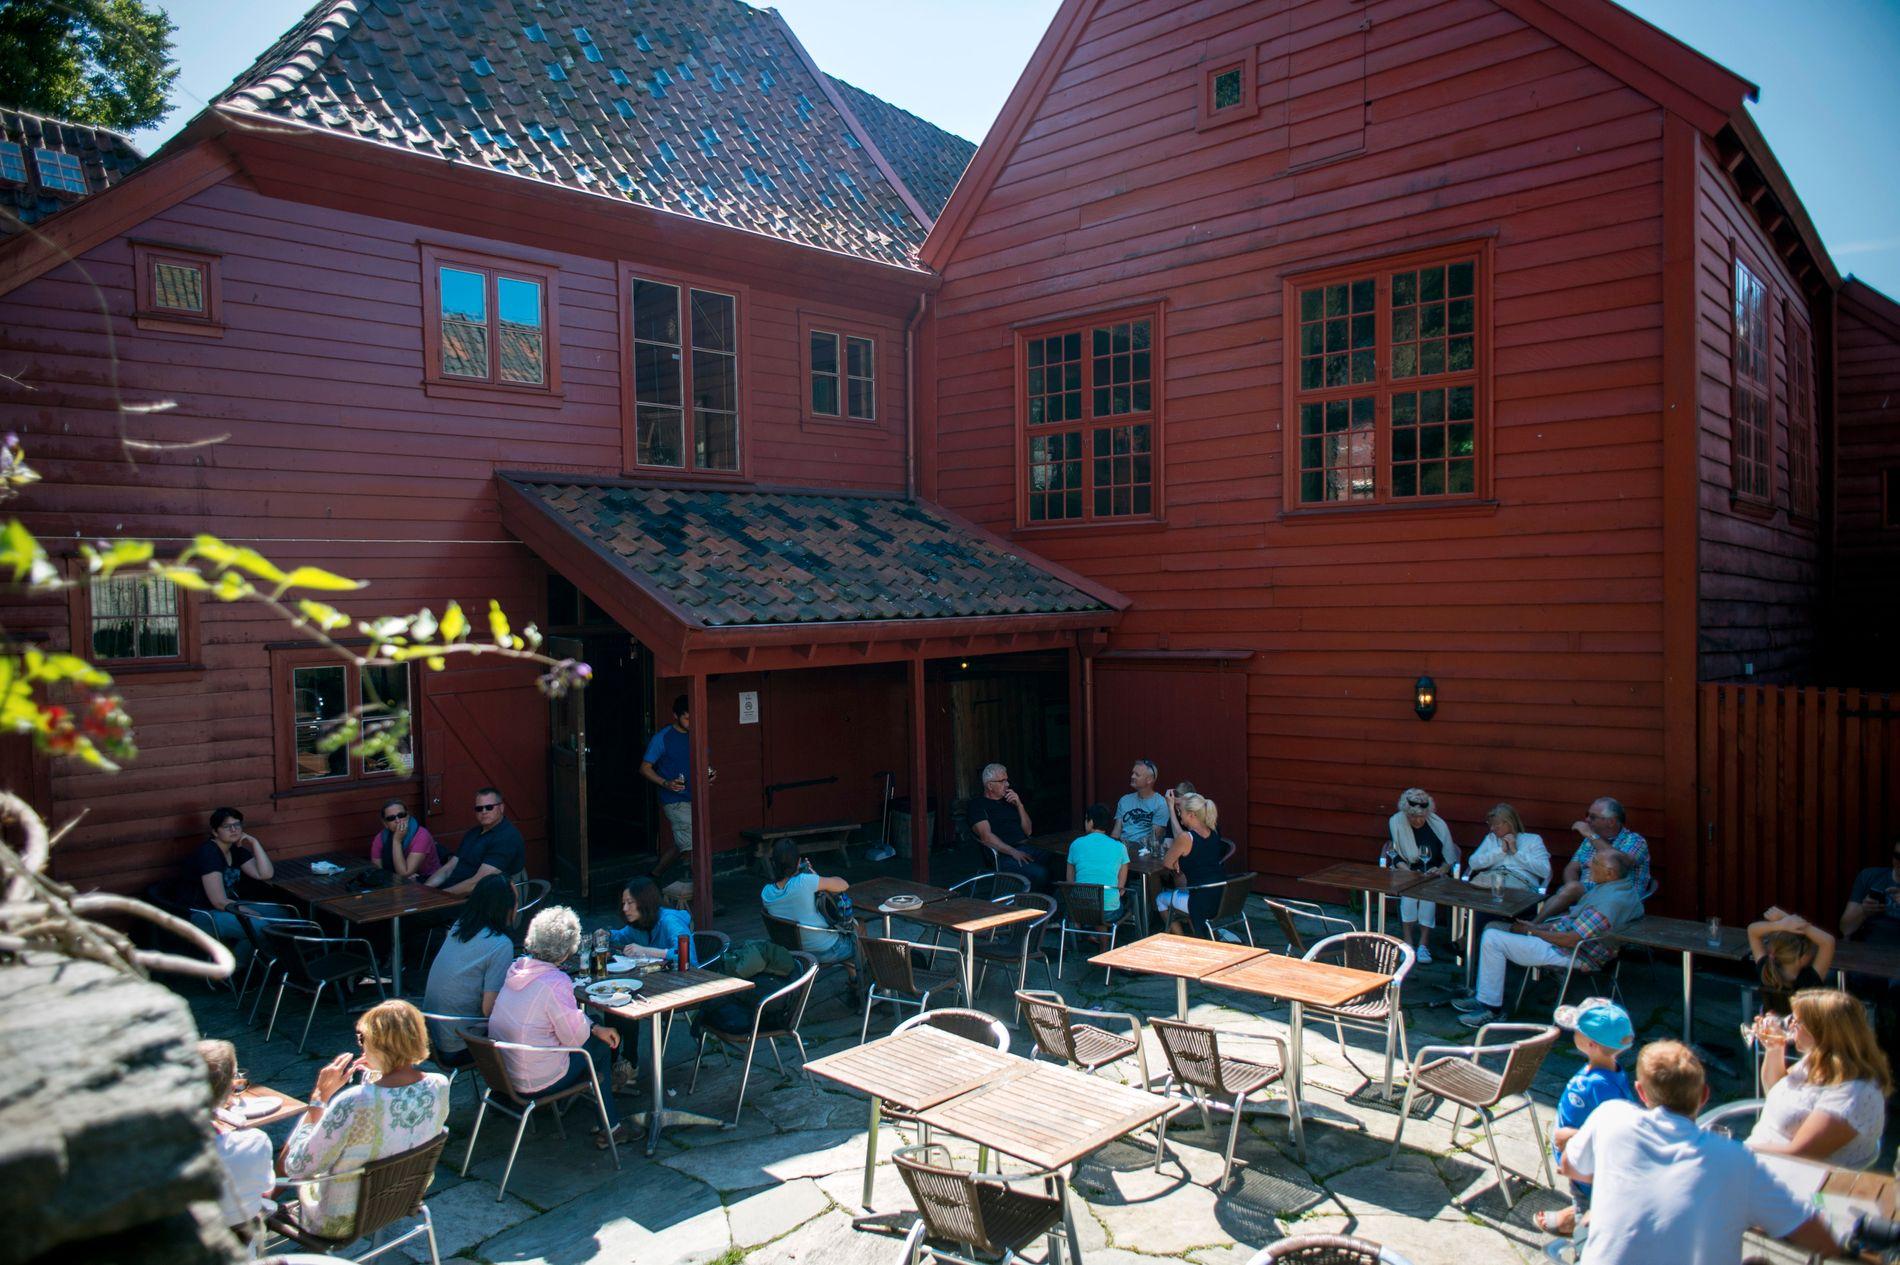 GAMMELT BYGG: «Traktørstedet» ligger i det som opprinnelig var Svensgårdens schøtstue, oppført i 1708.